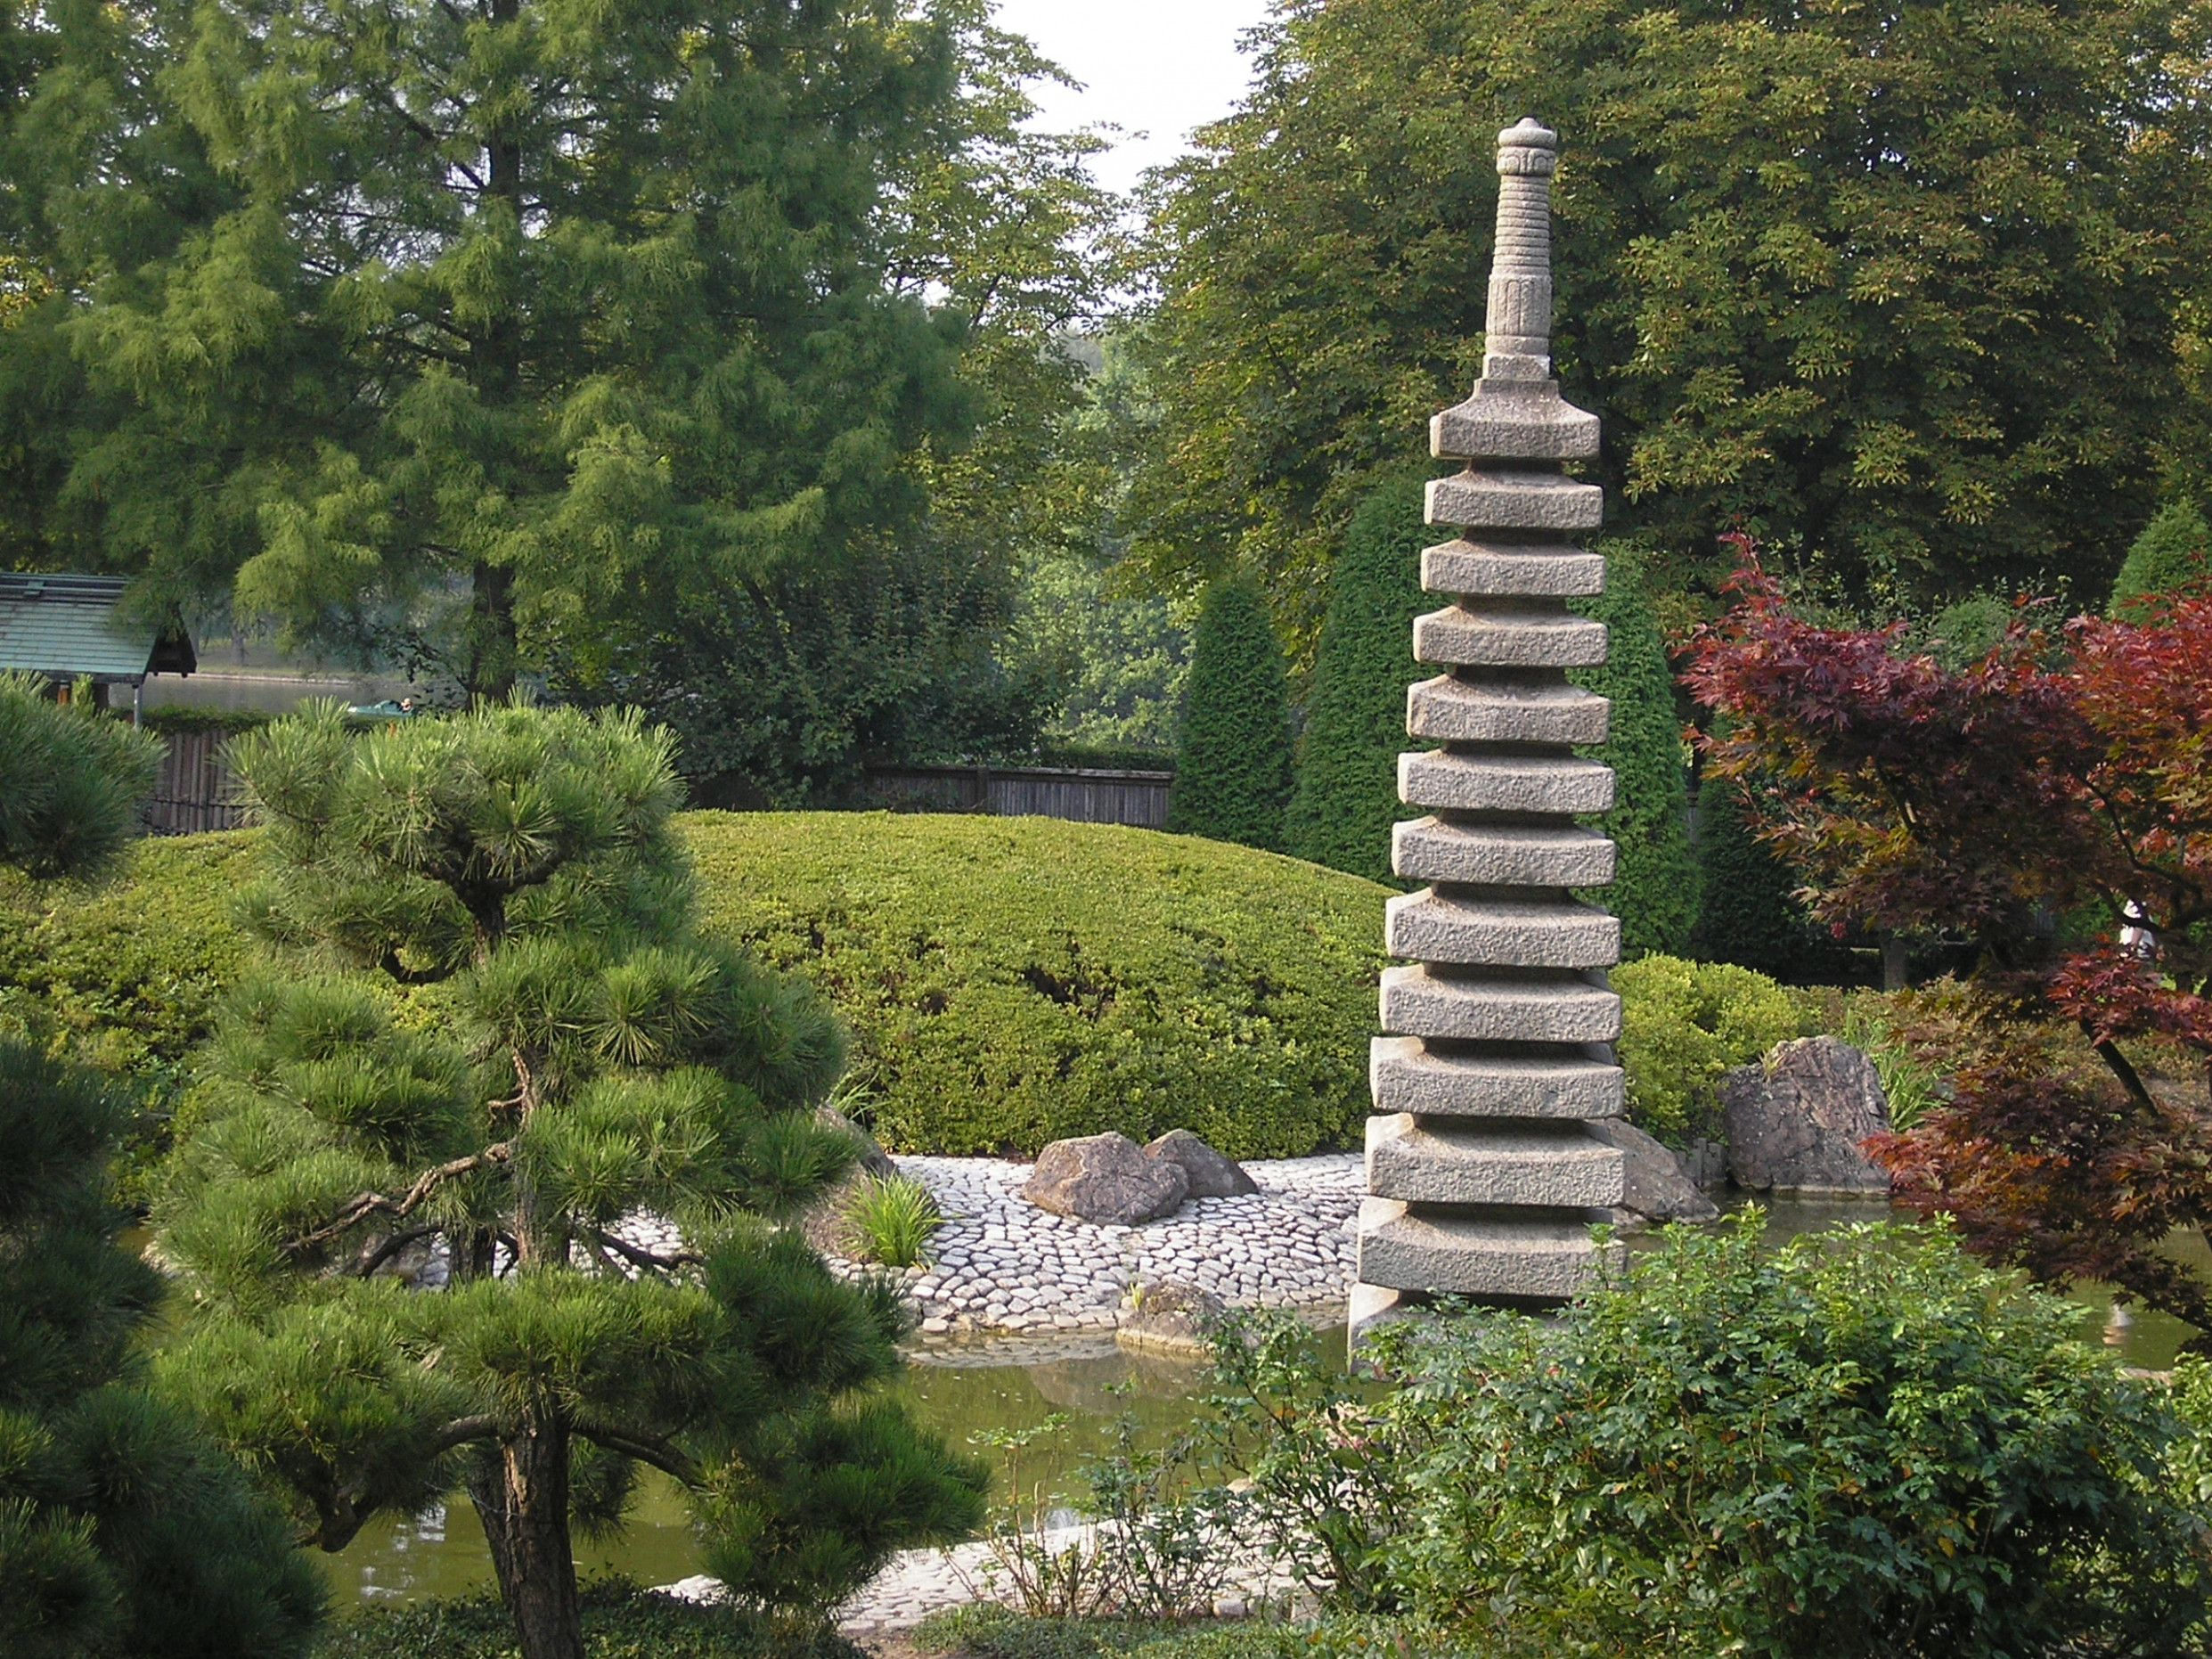 Japanischer Garten Bonn Japanischer Garten Garten Garten Ideen